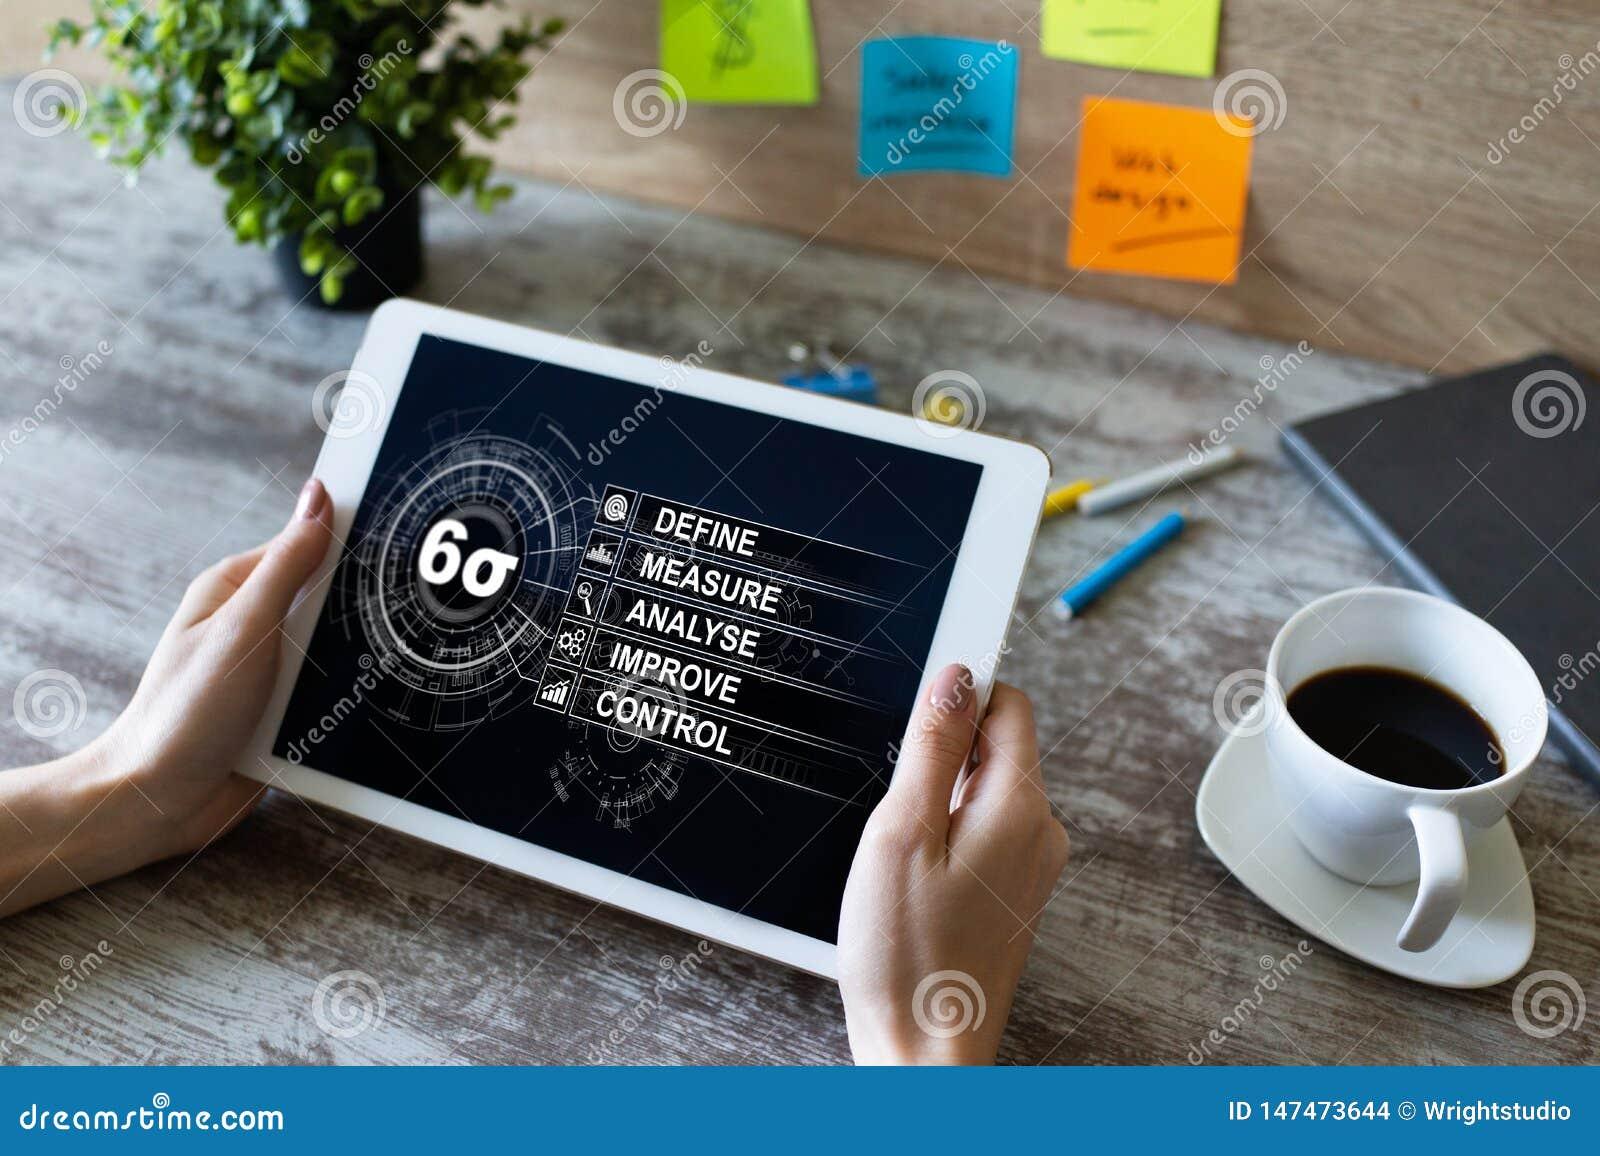 六张斯格码图,在屏幕上的精瘦的制造的工业概念